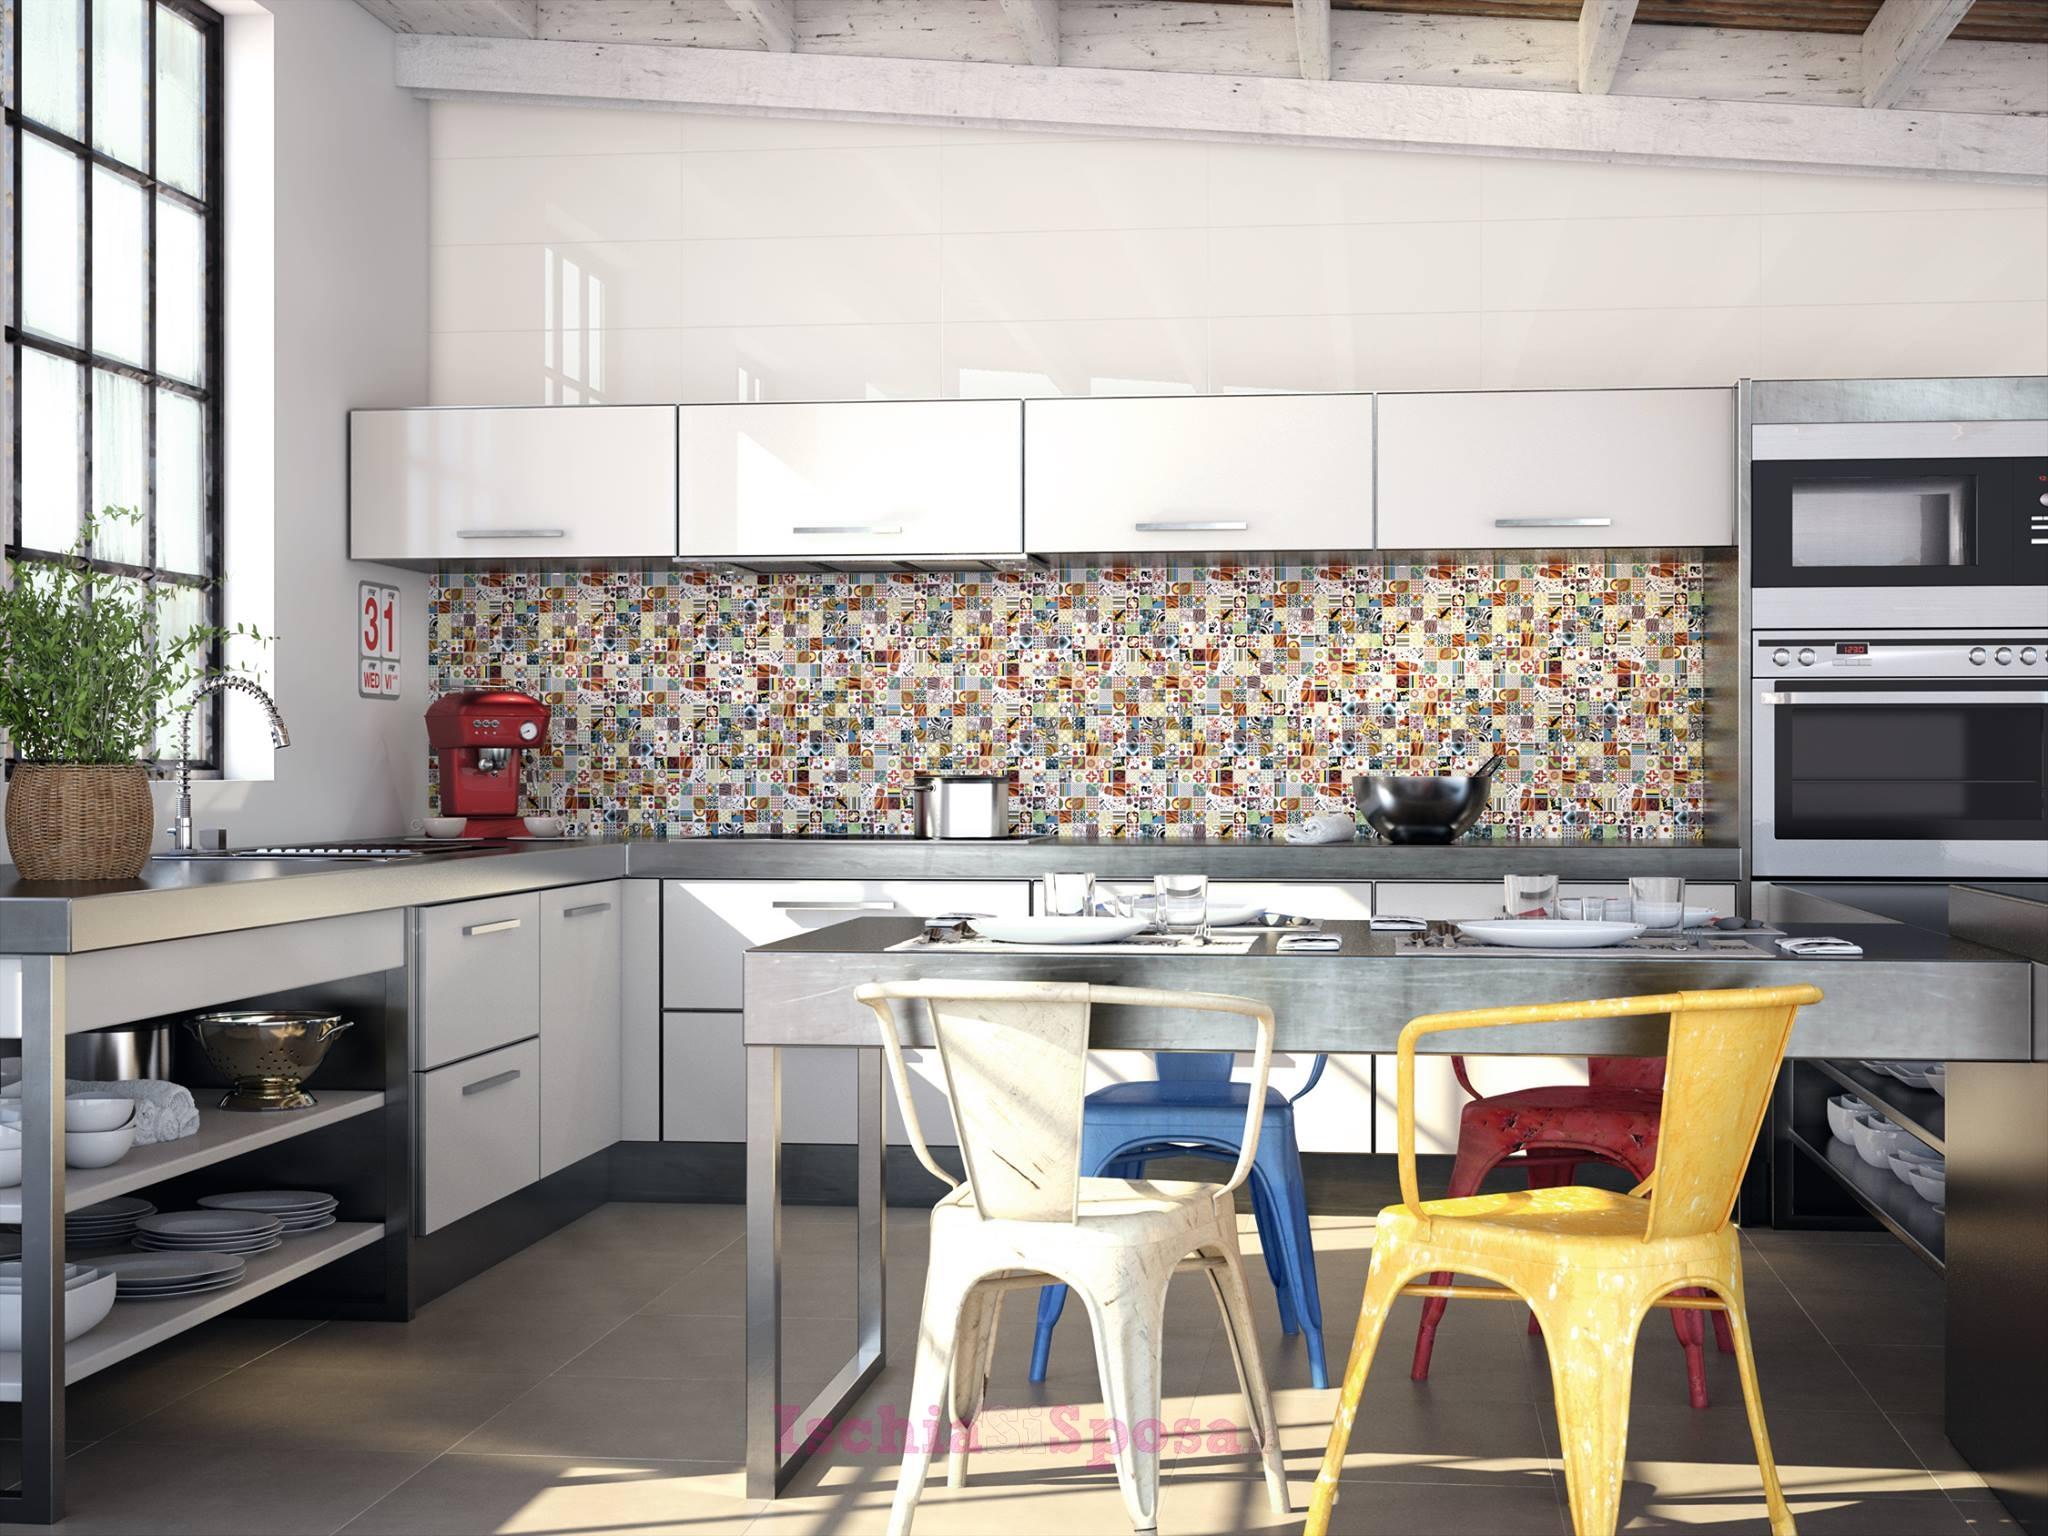 piastrelle gres porcellanato effetto mattone: brooklyn u2013 gres ... - Gres Porcellanato Cucina Moderna